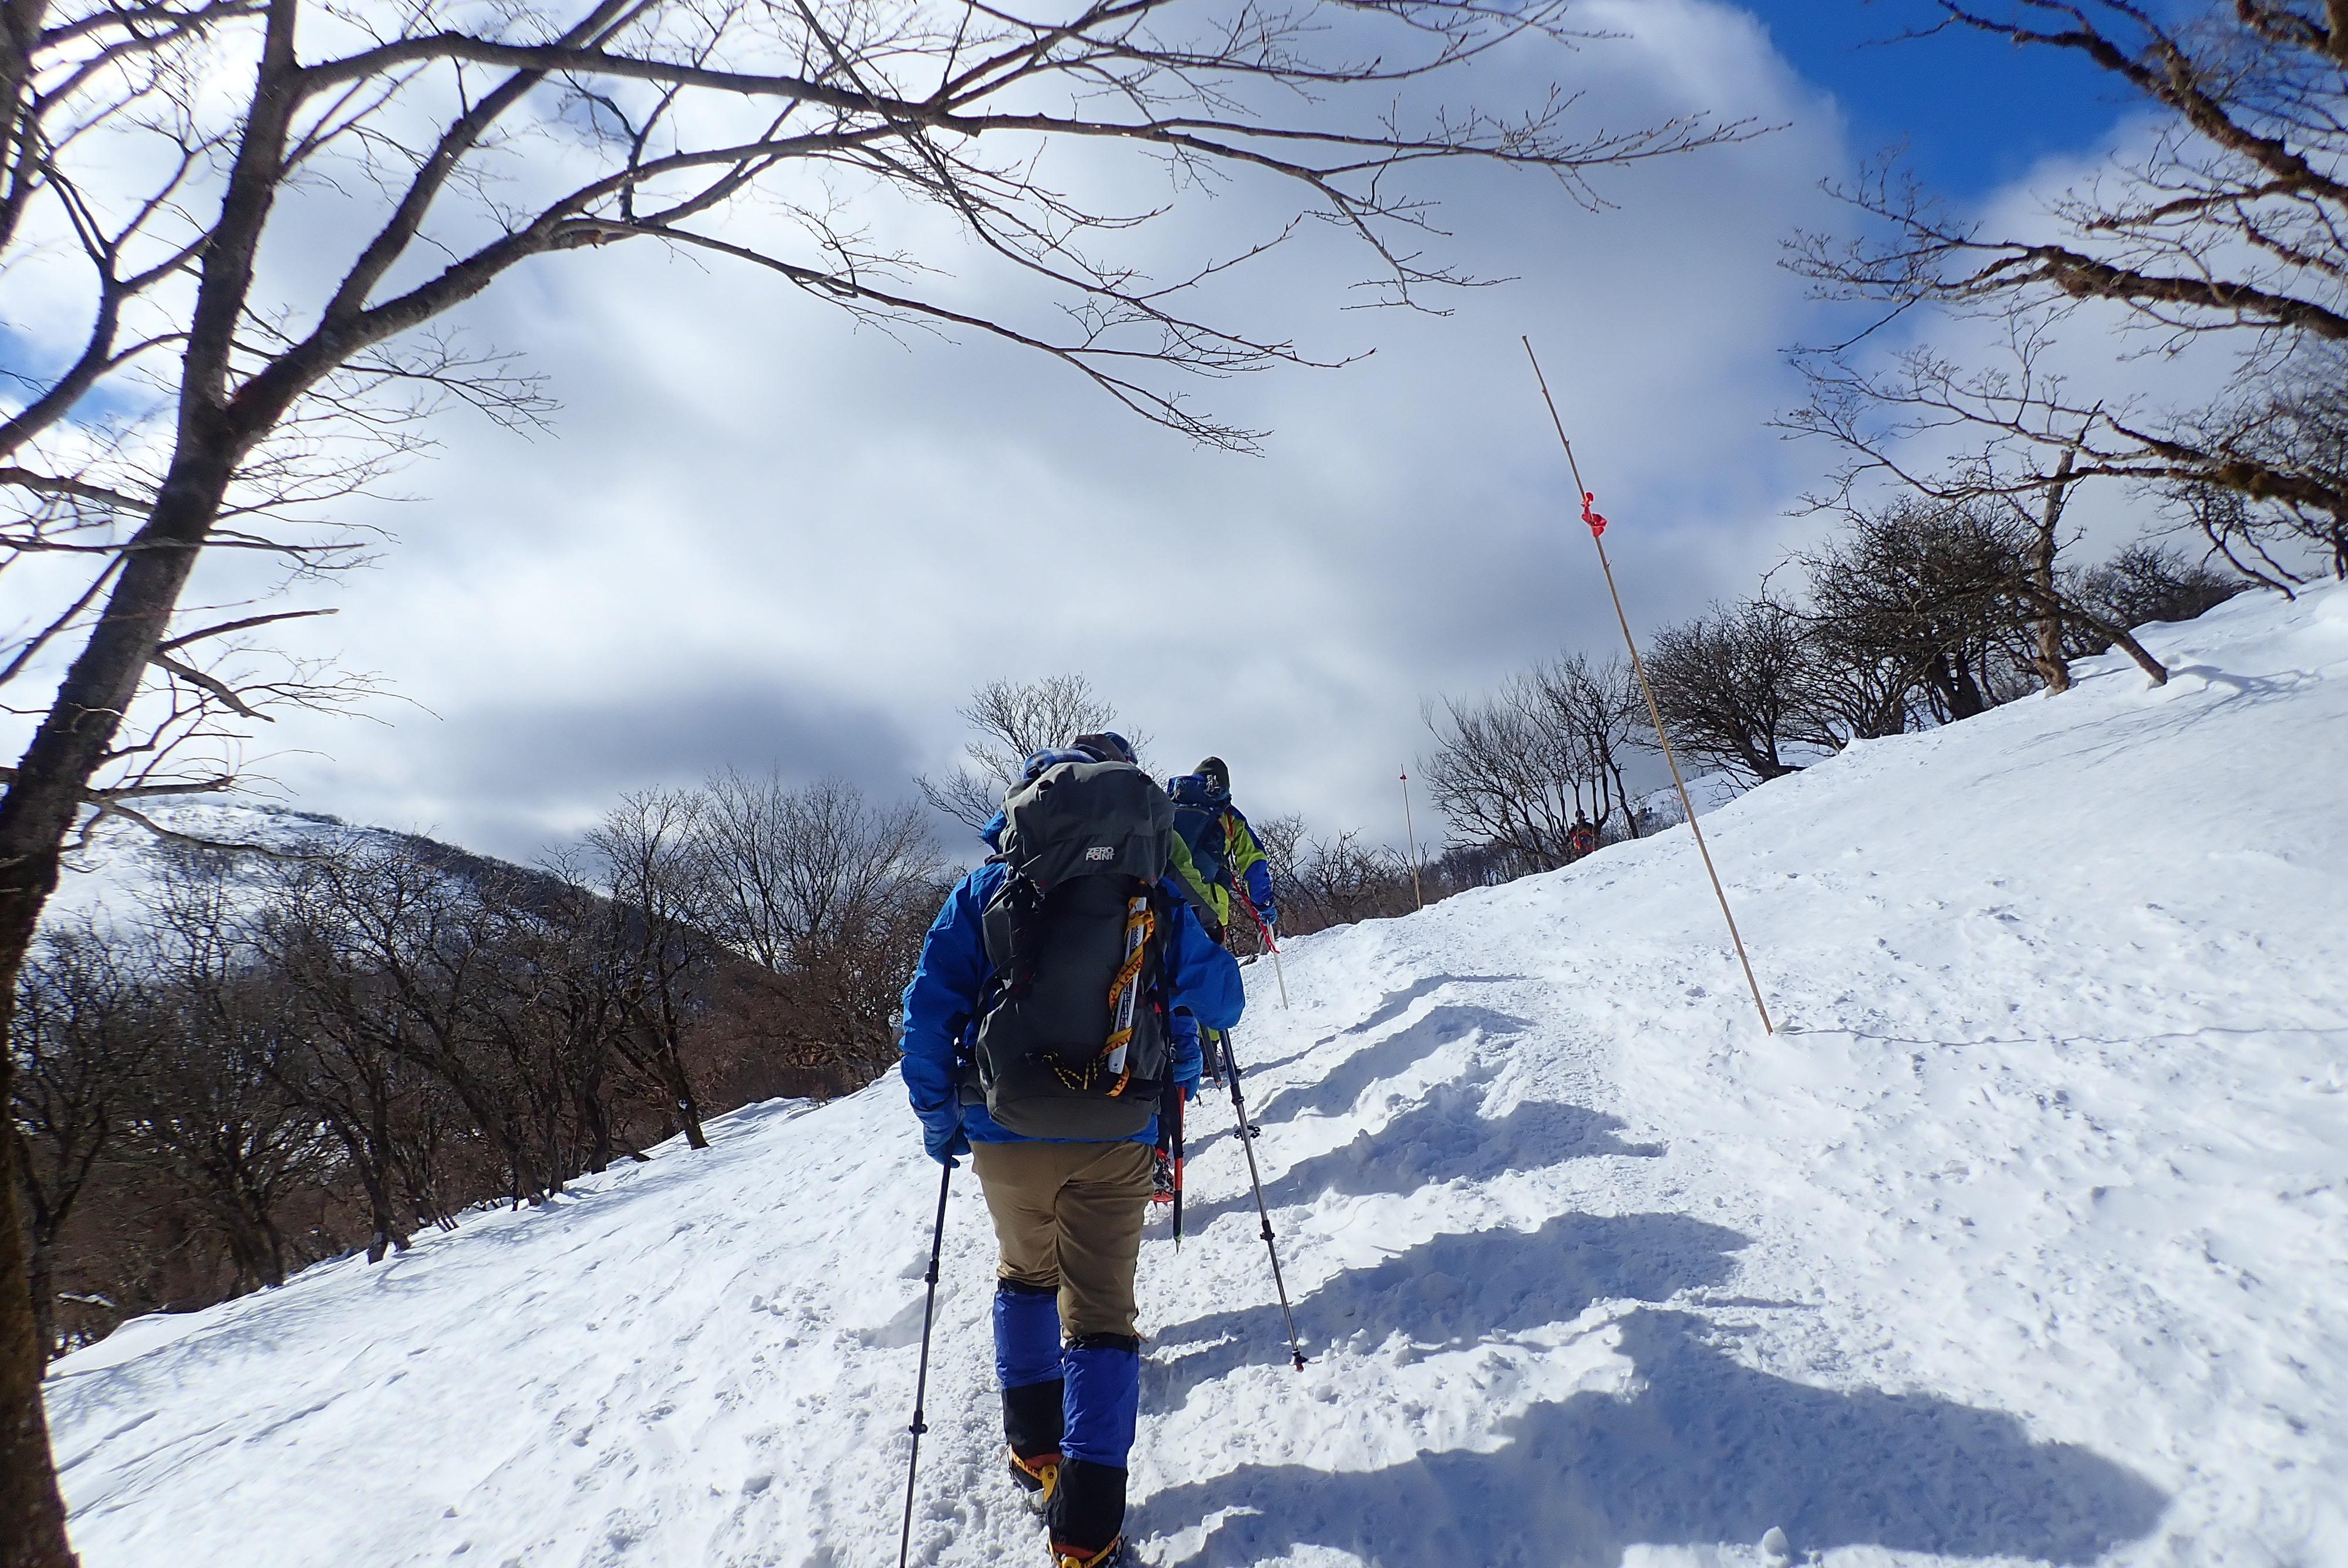 2021/01/10 天狗岩 新年山行『新雪がキュッキュッと♪♪♪』